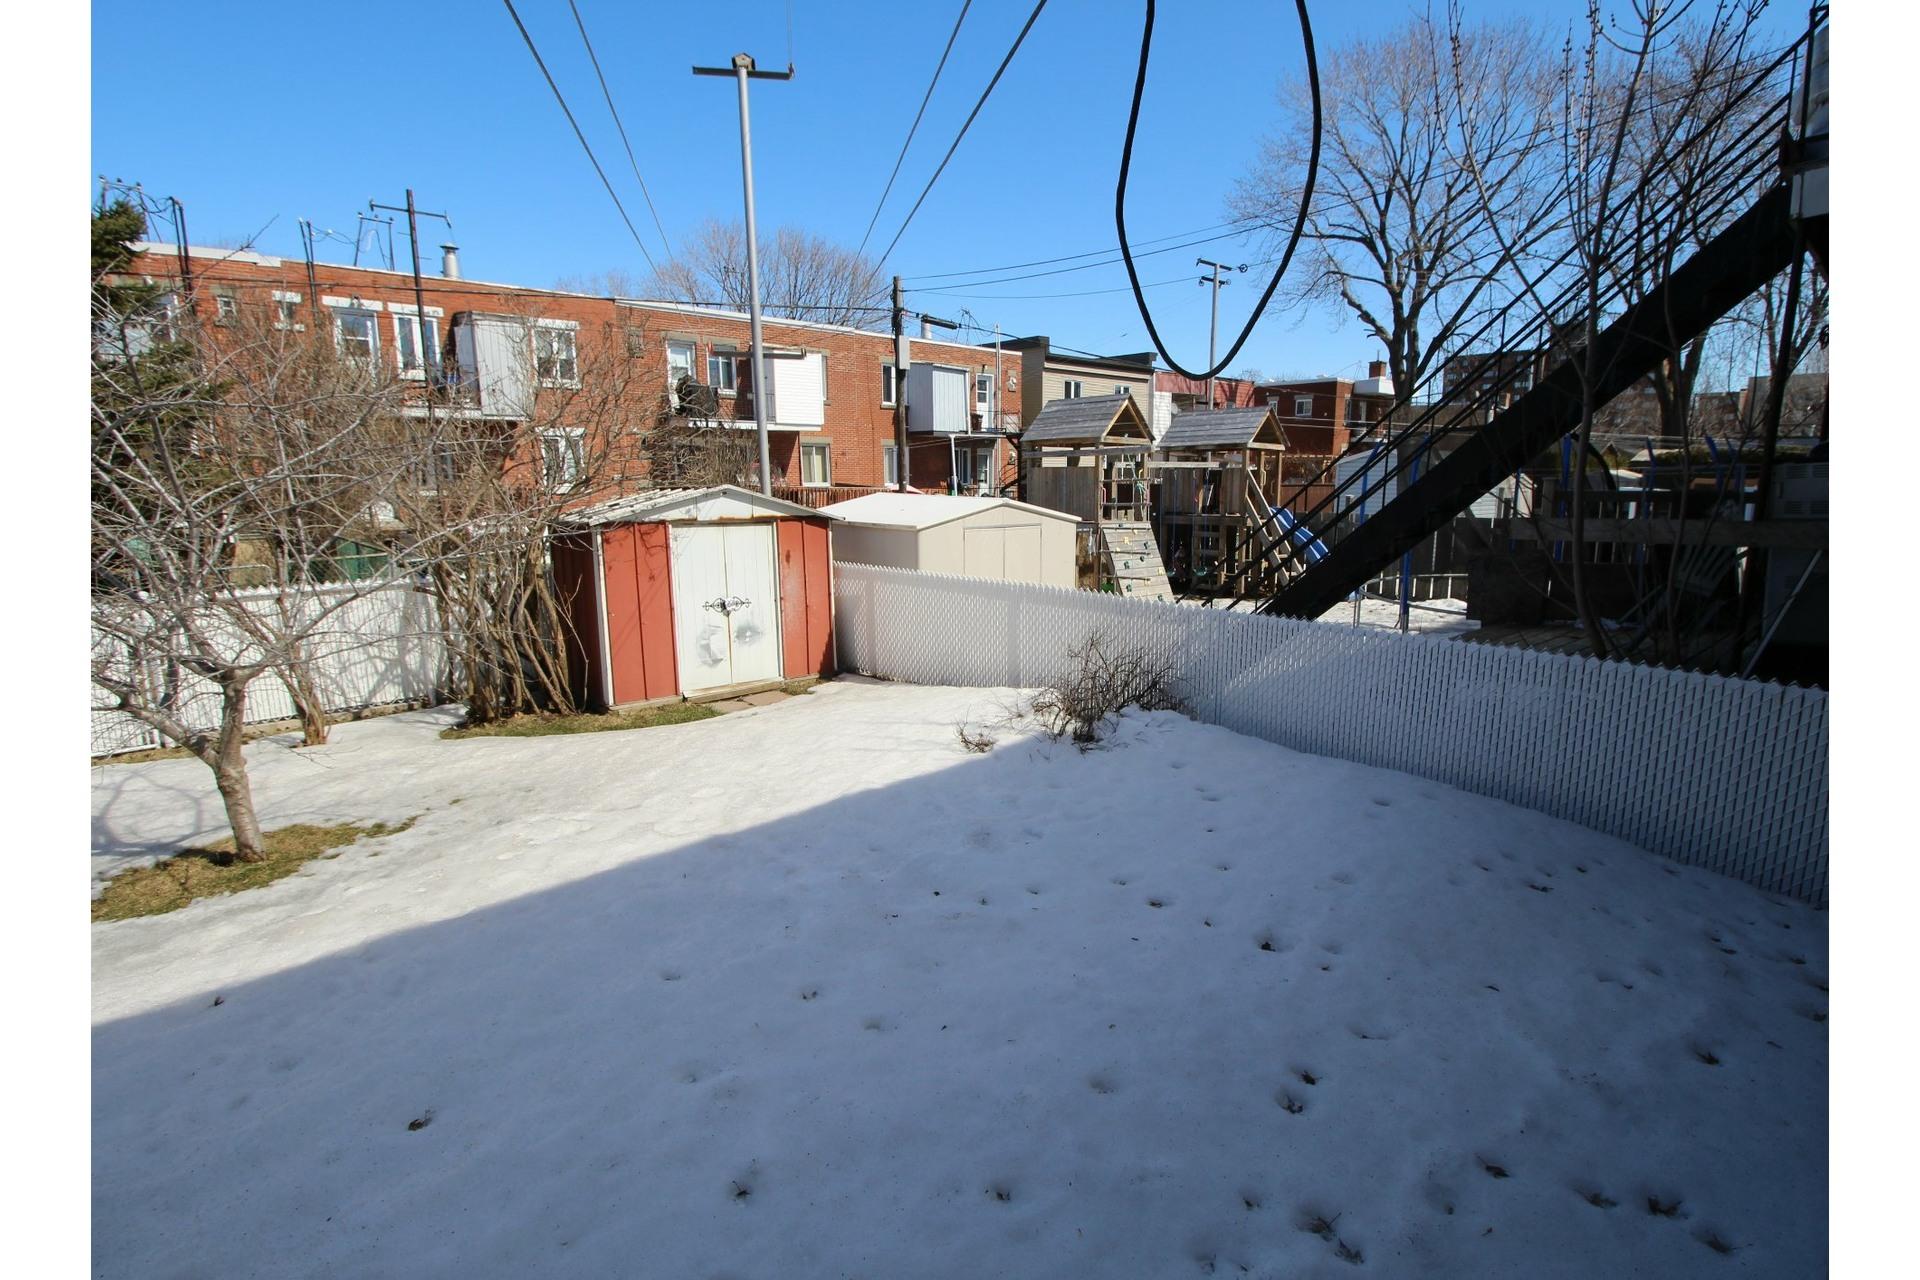 image 24 - Duplex À vendre Montréal Rivière-des-Prairies/Pointe-aux-Trembles  - 6 pièces